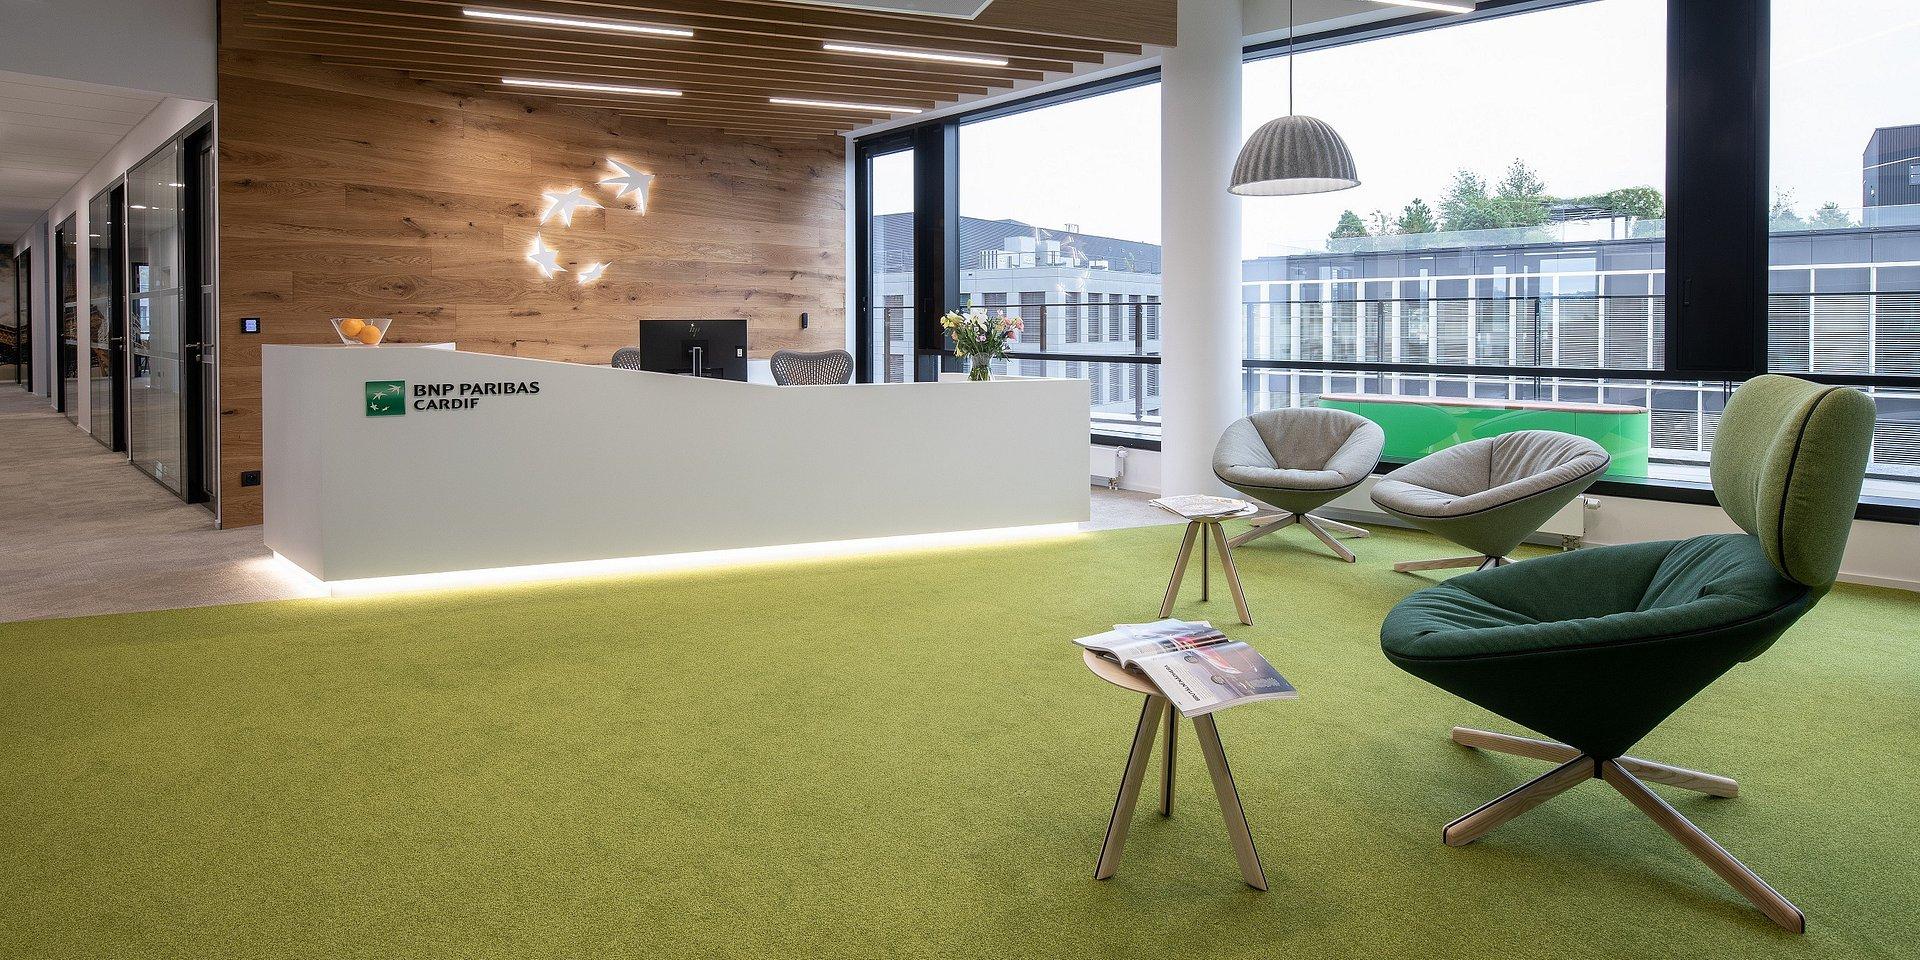 Pomohli jsme expandovat pojišťovně BNP Paribas Cardif do nových kanceláří